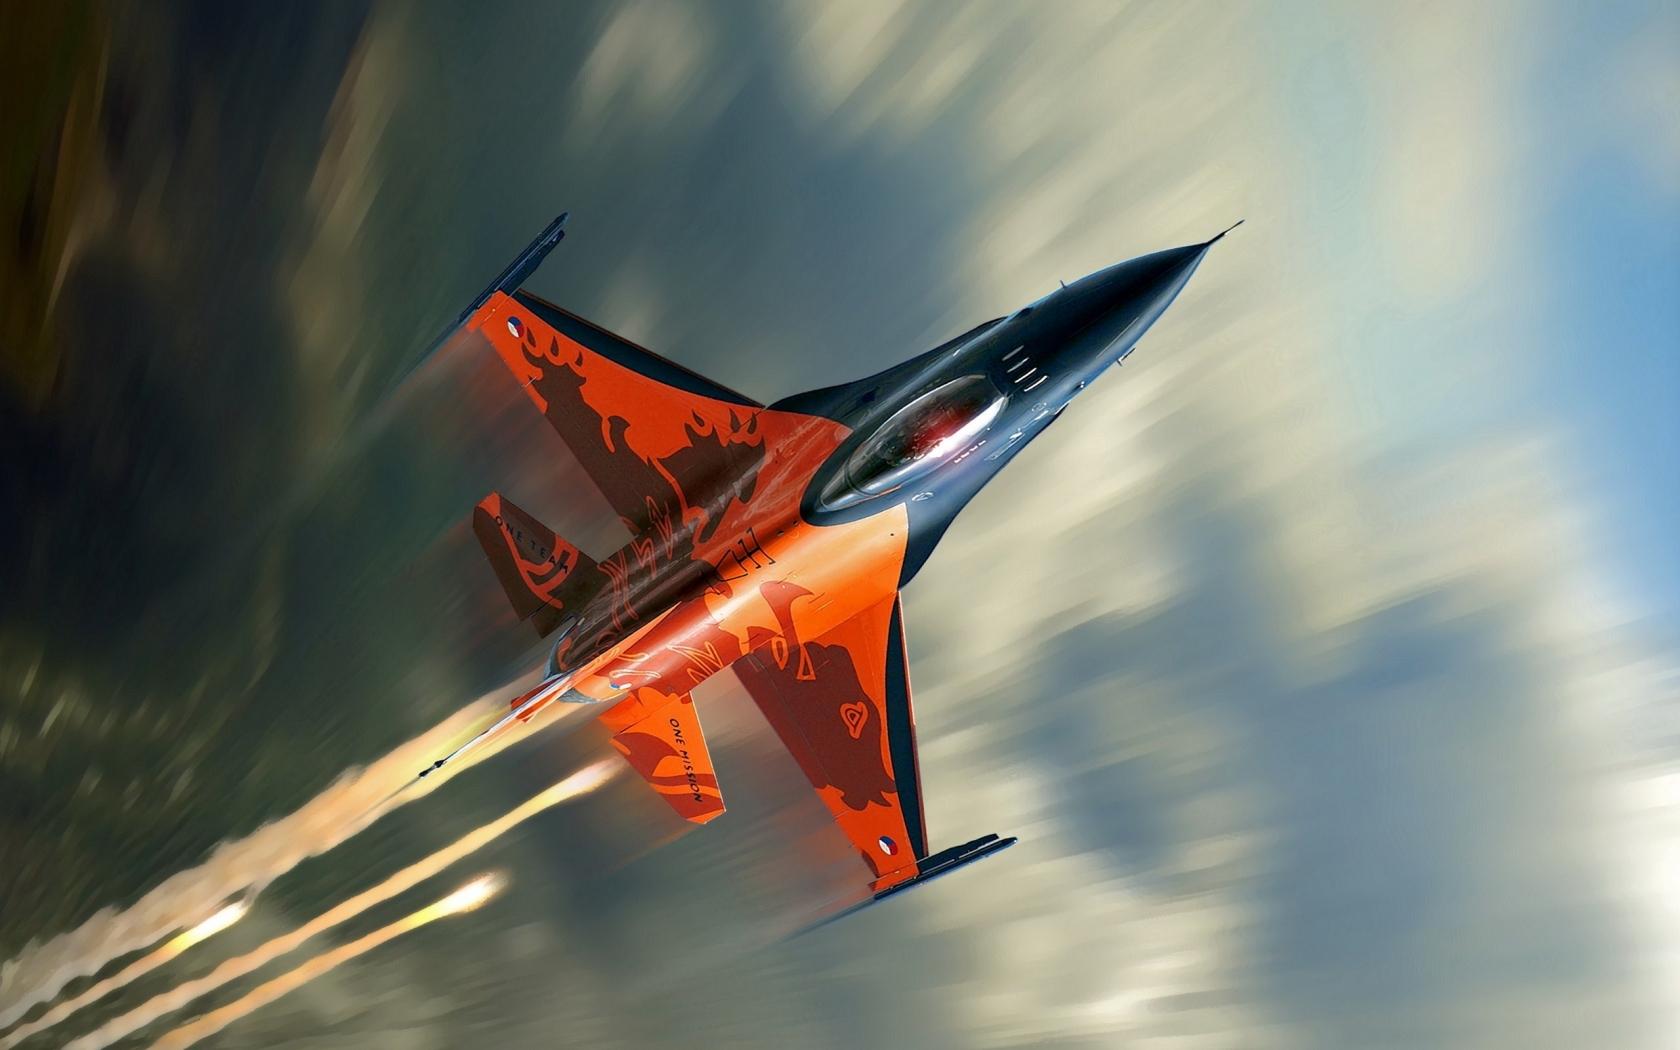 Avión F16 Falcon - 1680x1050